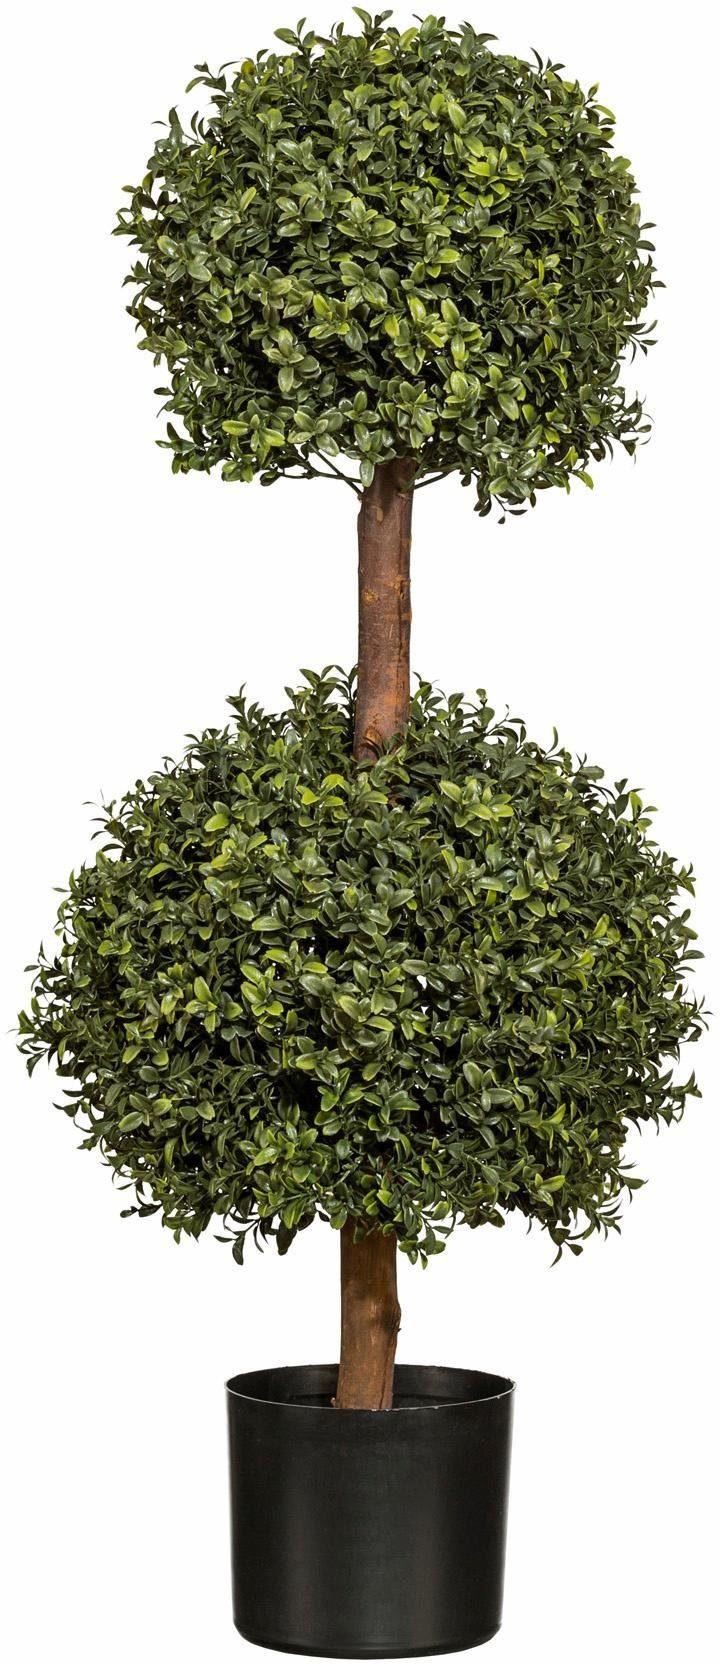 Home affaire Kunstpflanze »Buchskugelbaum«